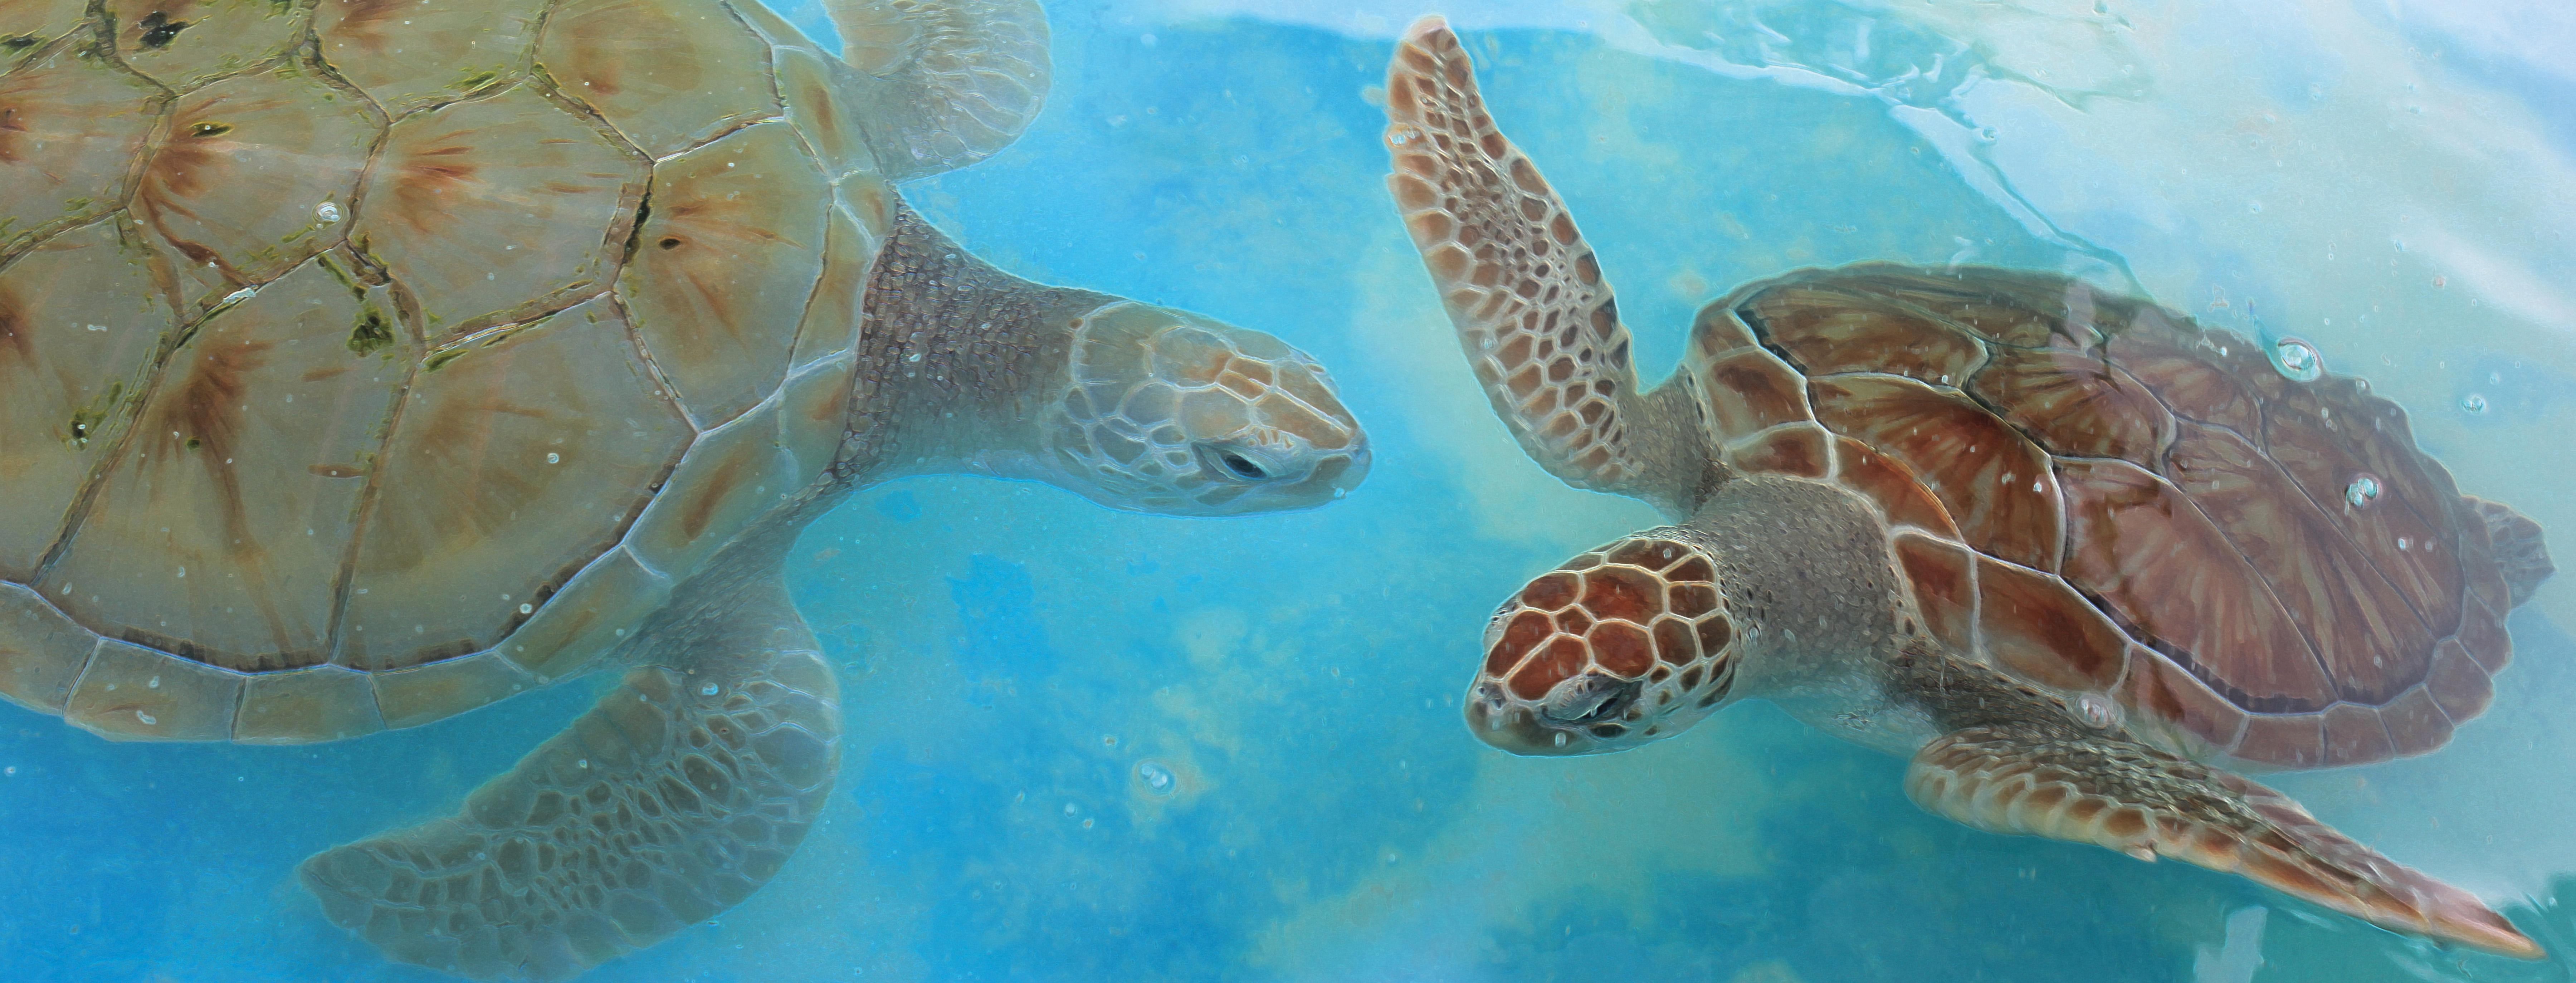 Danza de las Tortugas - Dancing Turtles of the Caribbean Oceans - Original underwater photos by Marcy Ann VIllafana